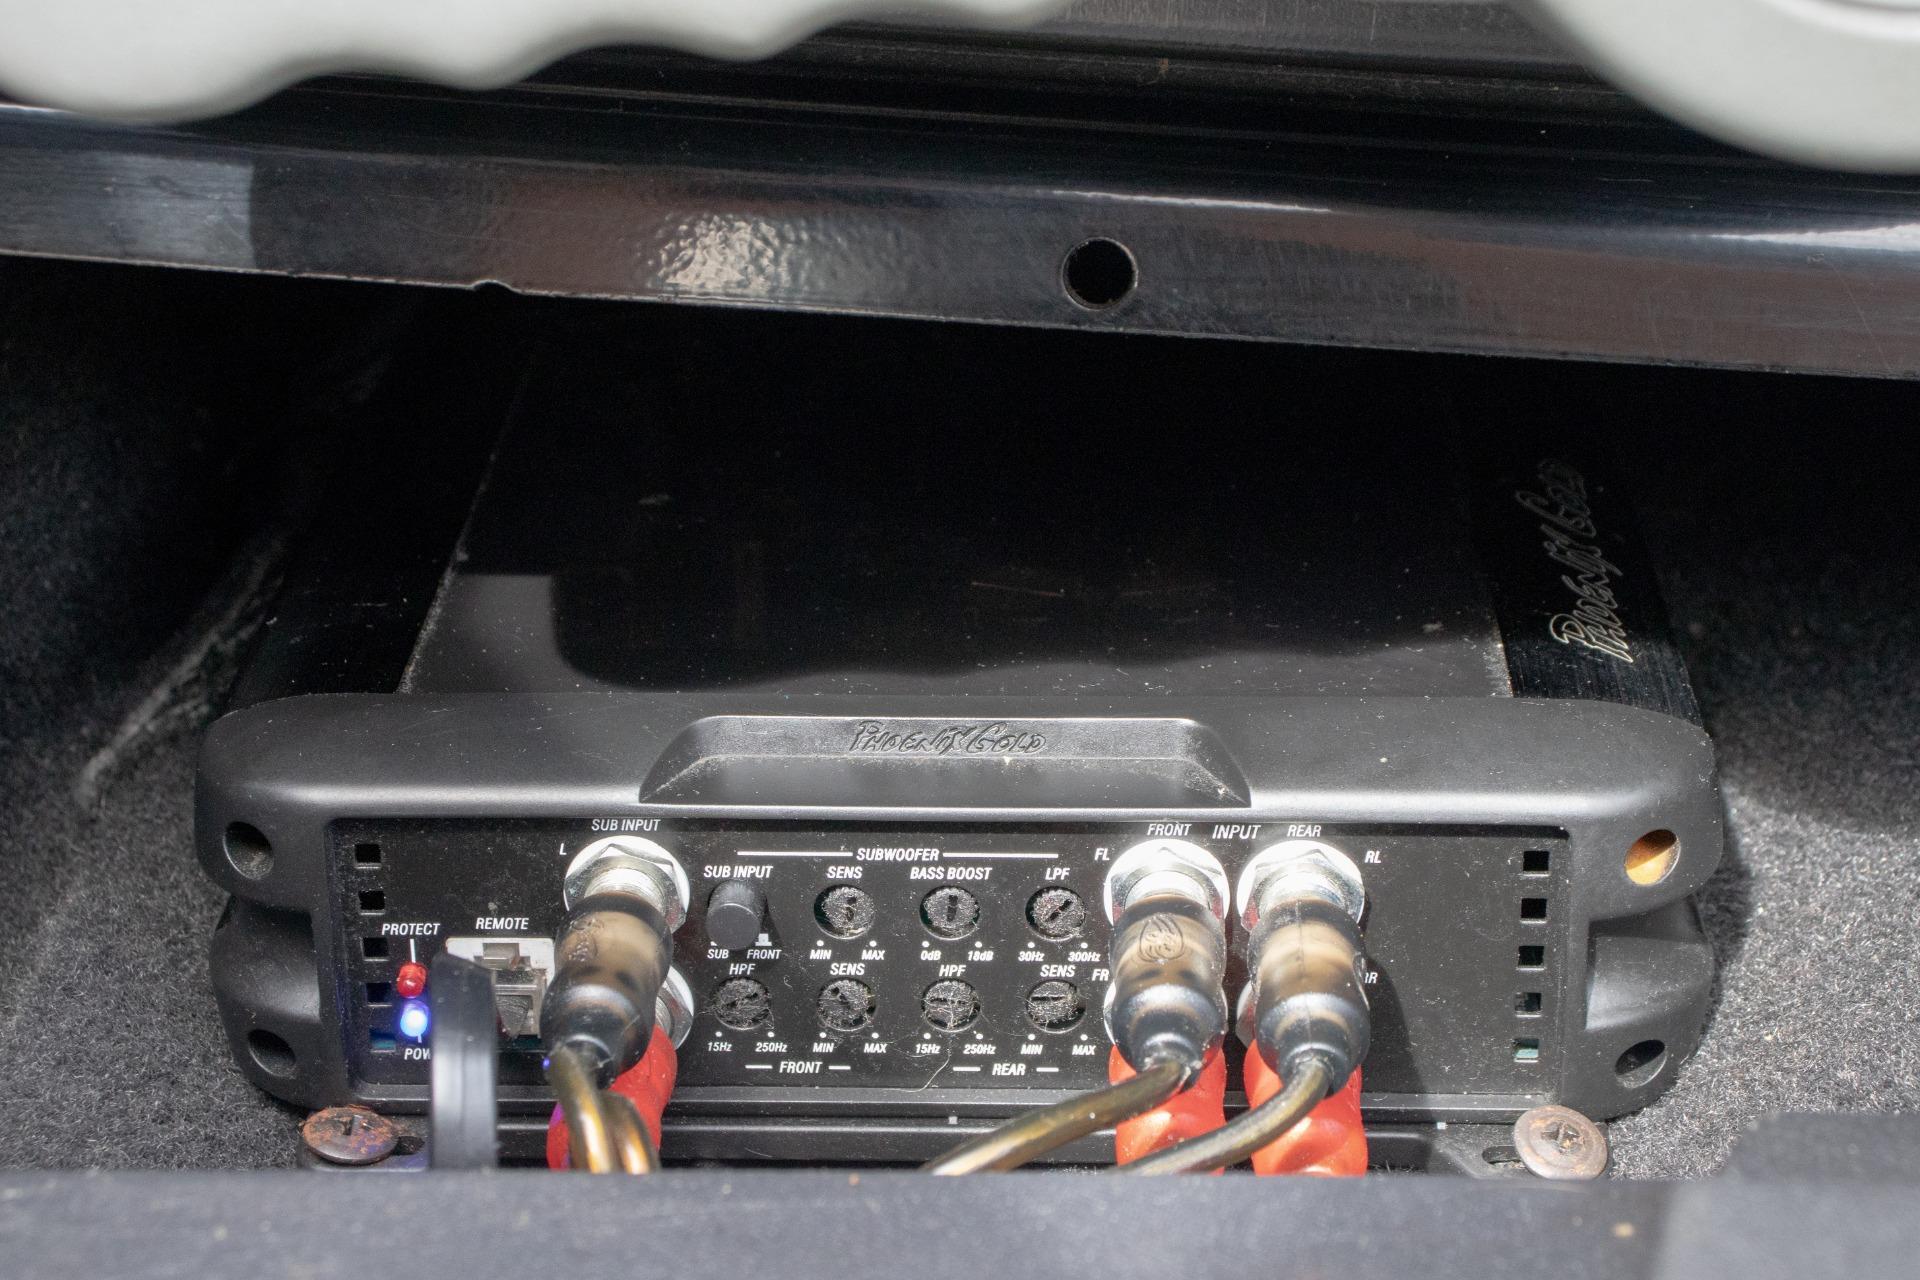 Used 2008 Jeep Wrangler Unlimited Sahara 4wd 4dr Jk Subwoofer Upgrade